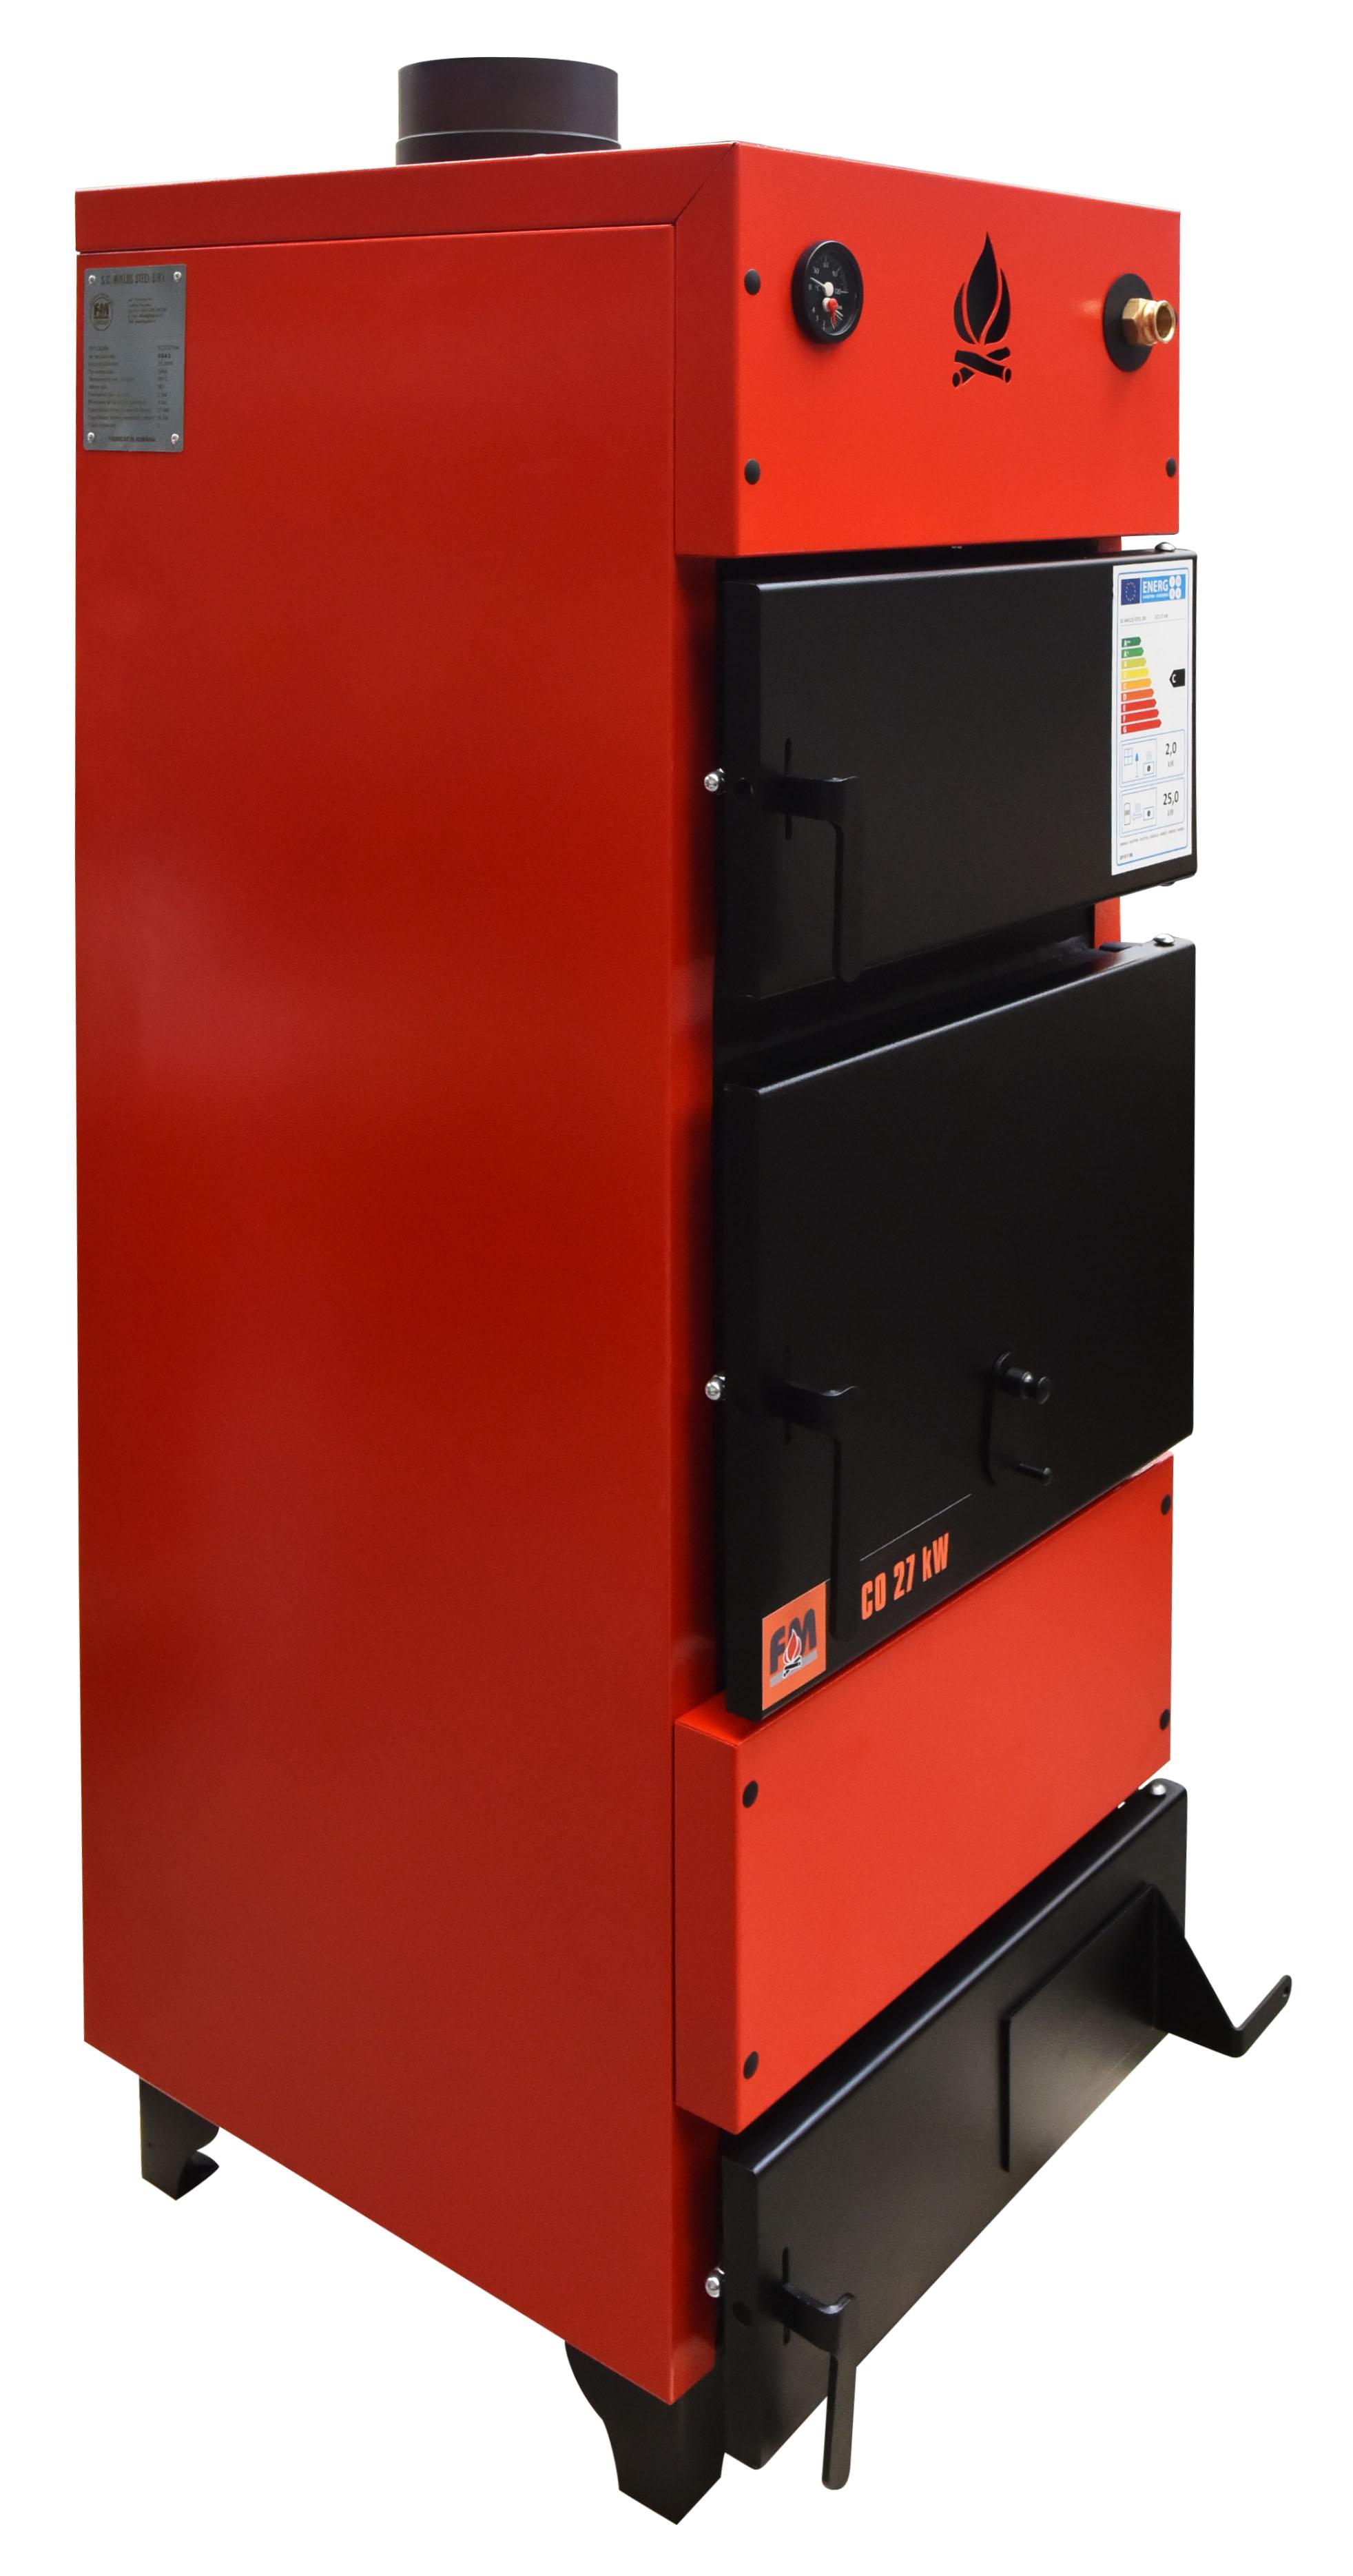 Defro Optima Plus Max kW (Centrala termica) - Preturi